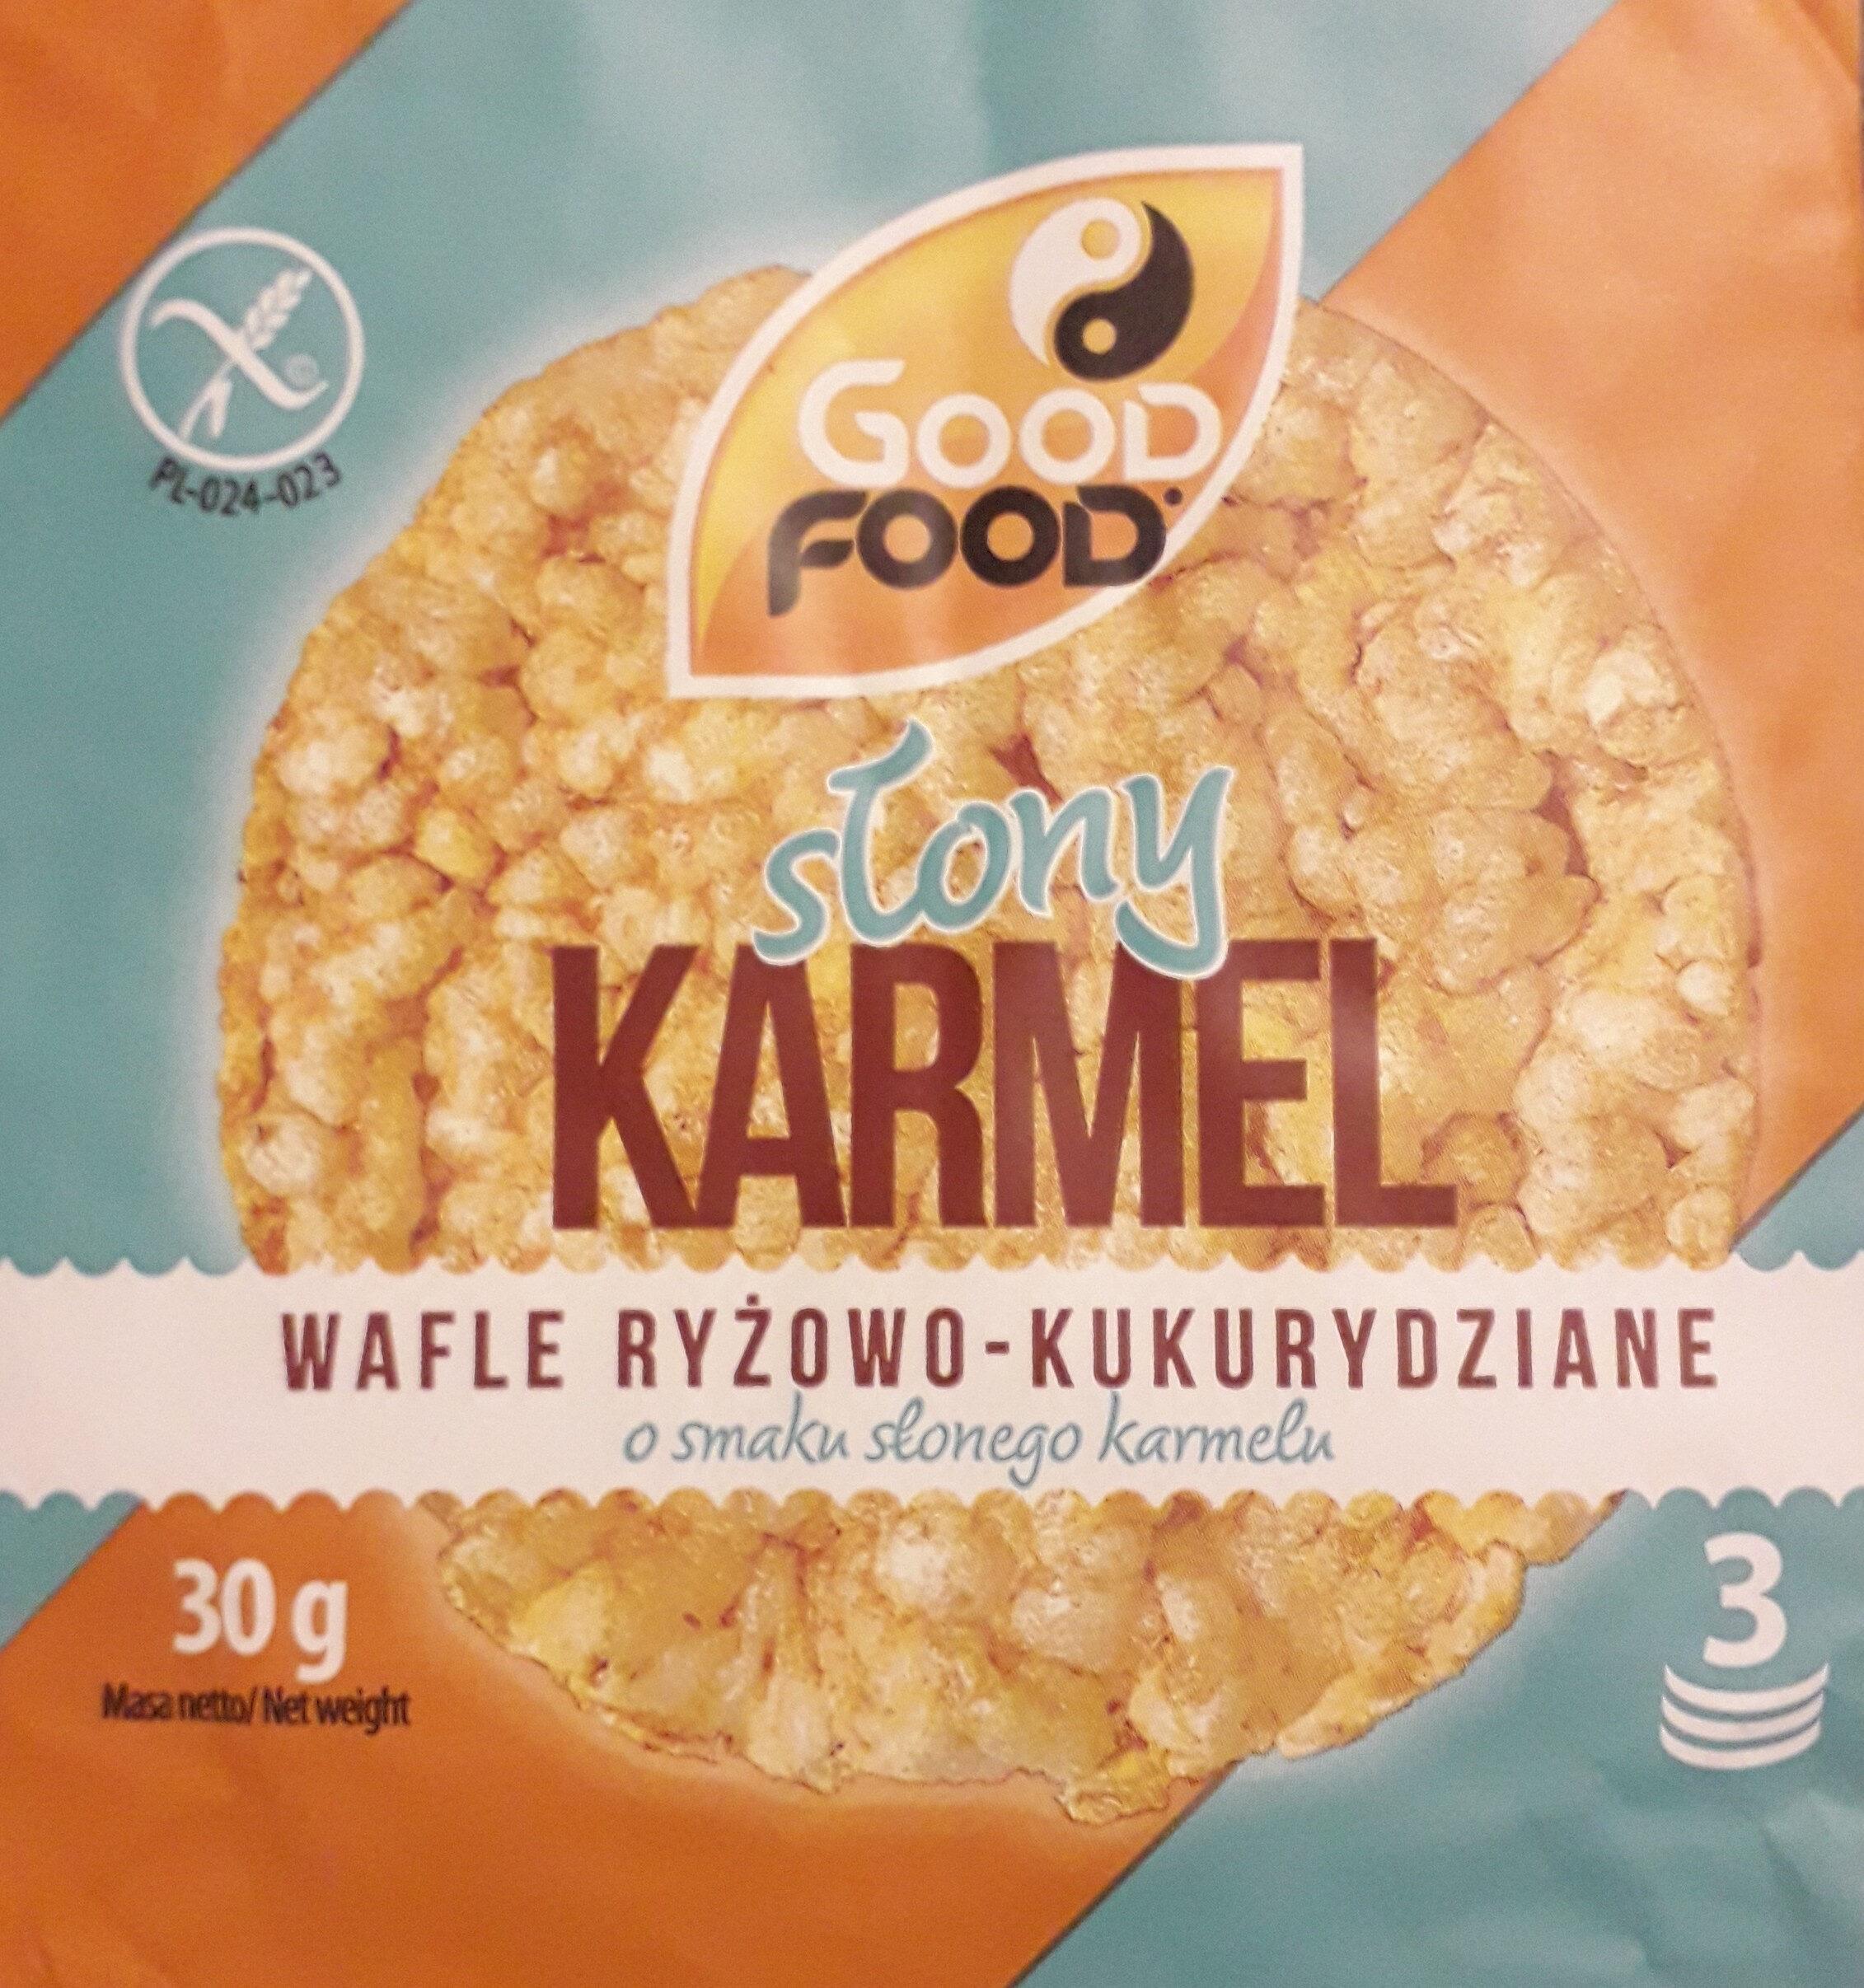 Wafle ryżowo-kukurydziane o smaku słonego karmelu - Produit - pl